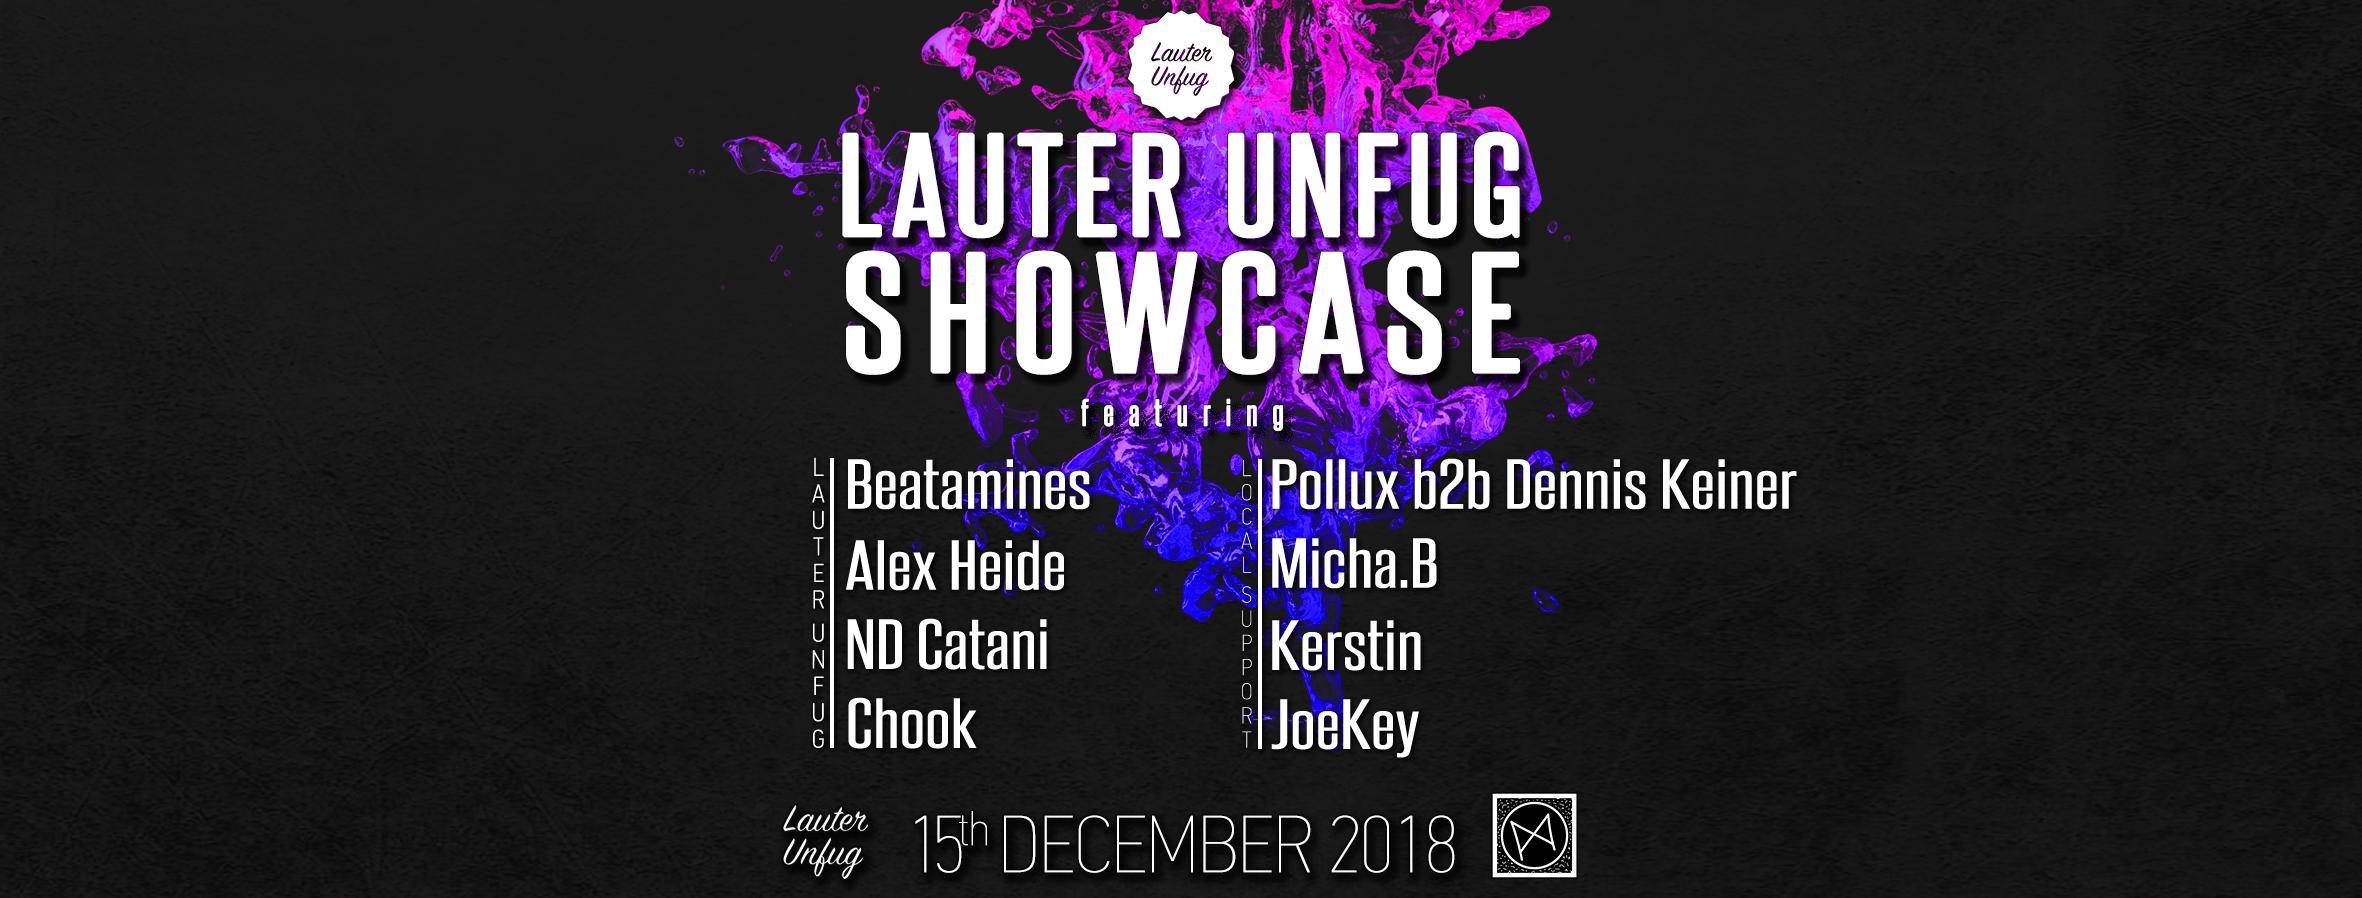 Mauerpfeiffer invites Lauter Unfug w/ Beatamines, ND Catani uvm.